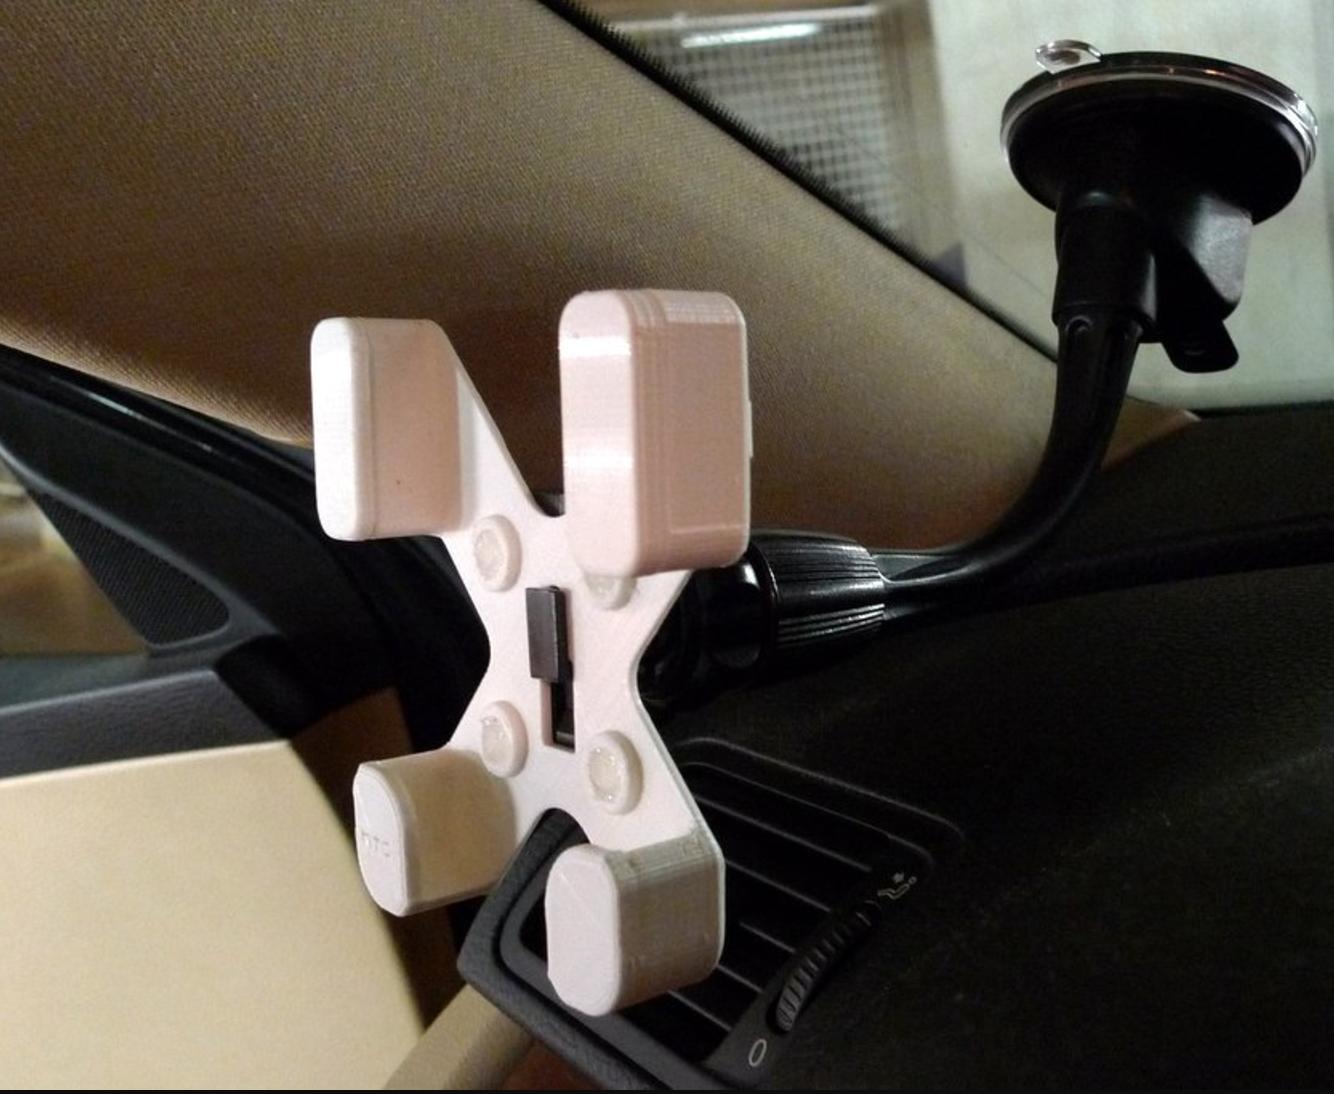 Capture d'écran 2016-12-02 à 17.27.07.png Download free STL file  HTC Desire 500 car phone holder • Template to 3D print, mschiller